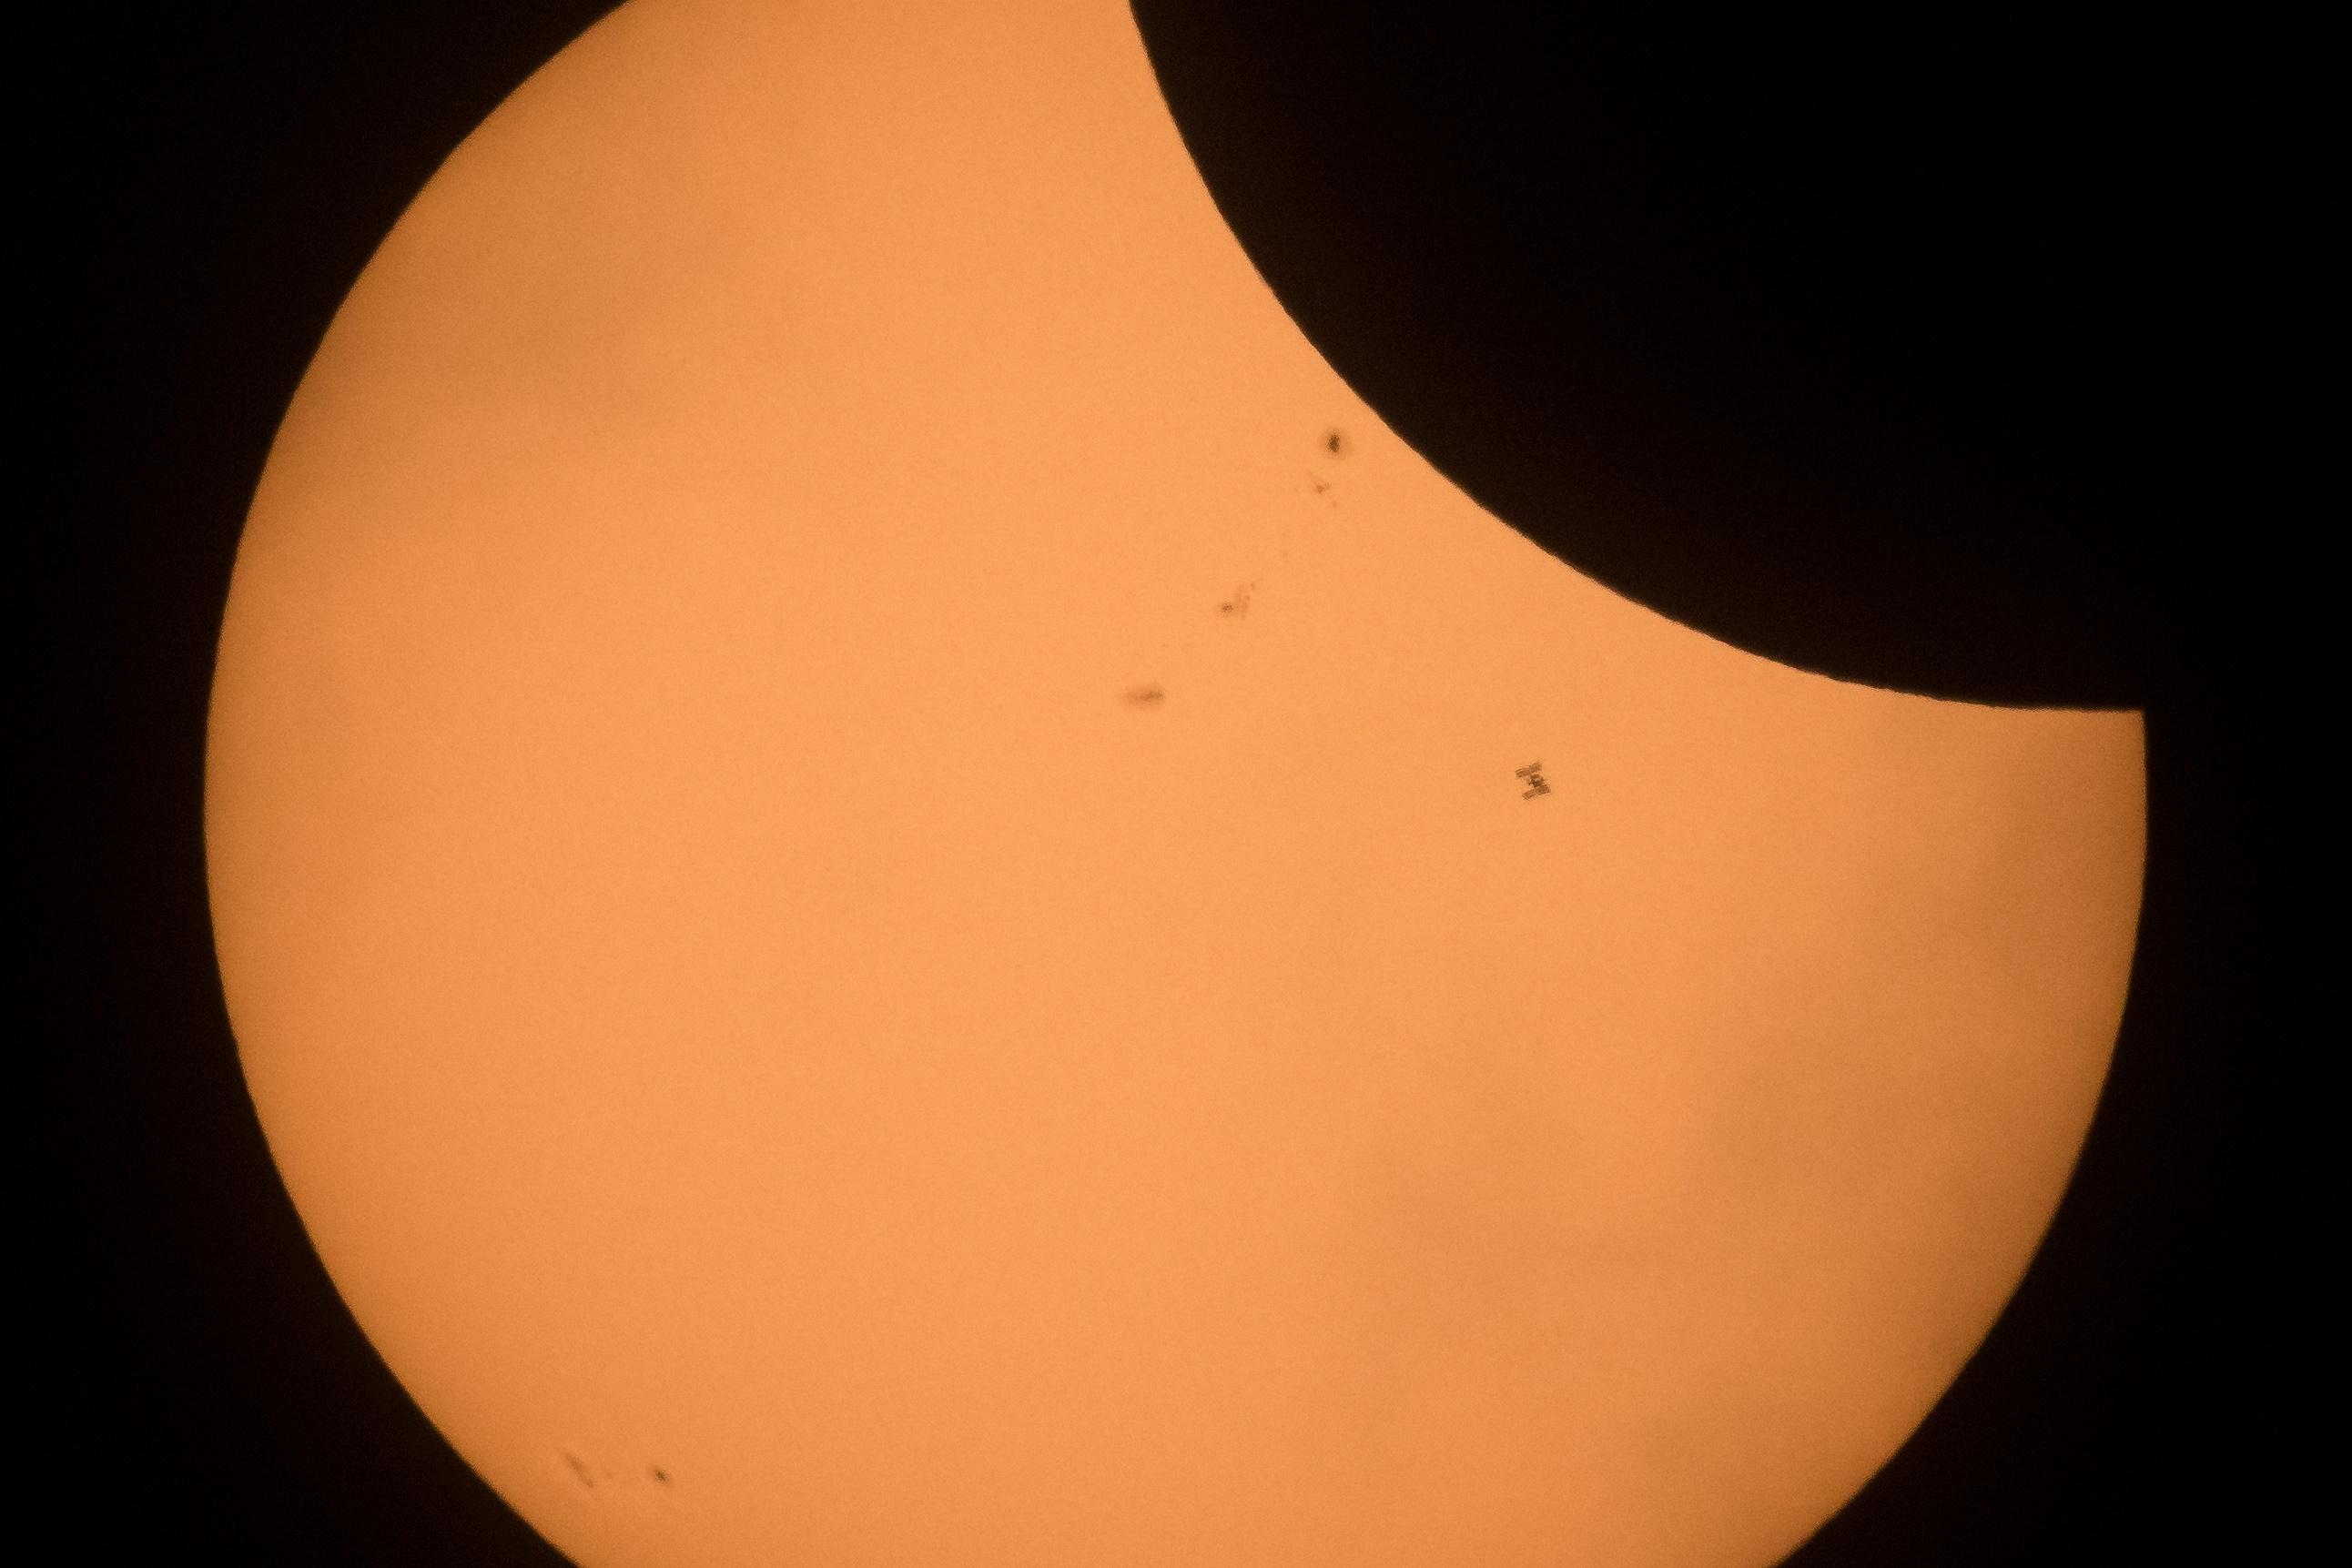 Imagem de A melhor foto do eclipse traz um detalhe quase imperceptível no tecmundo